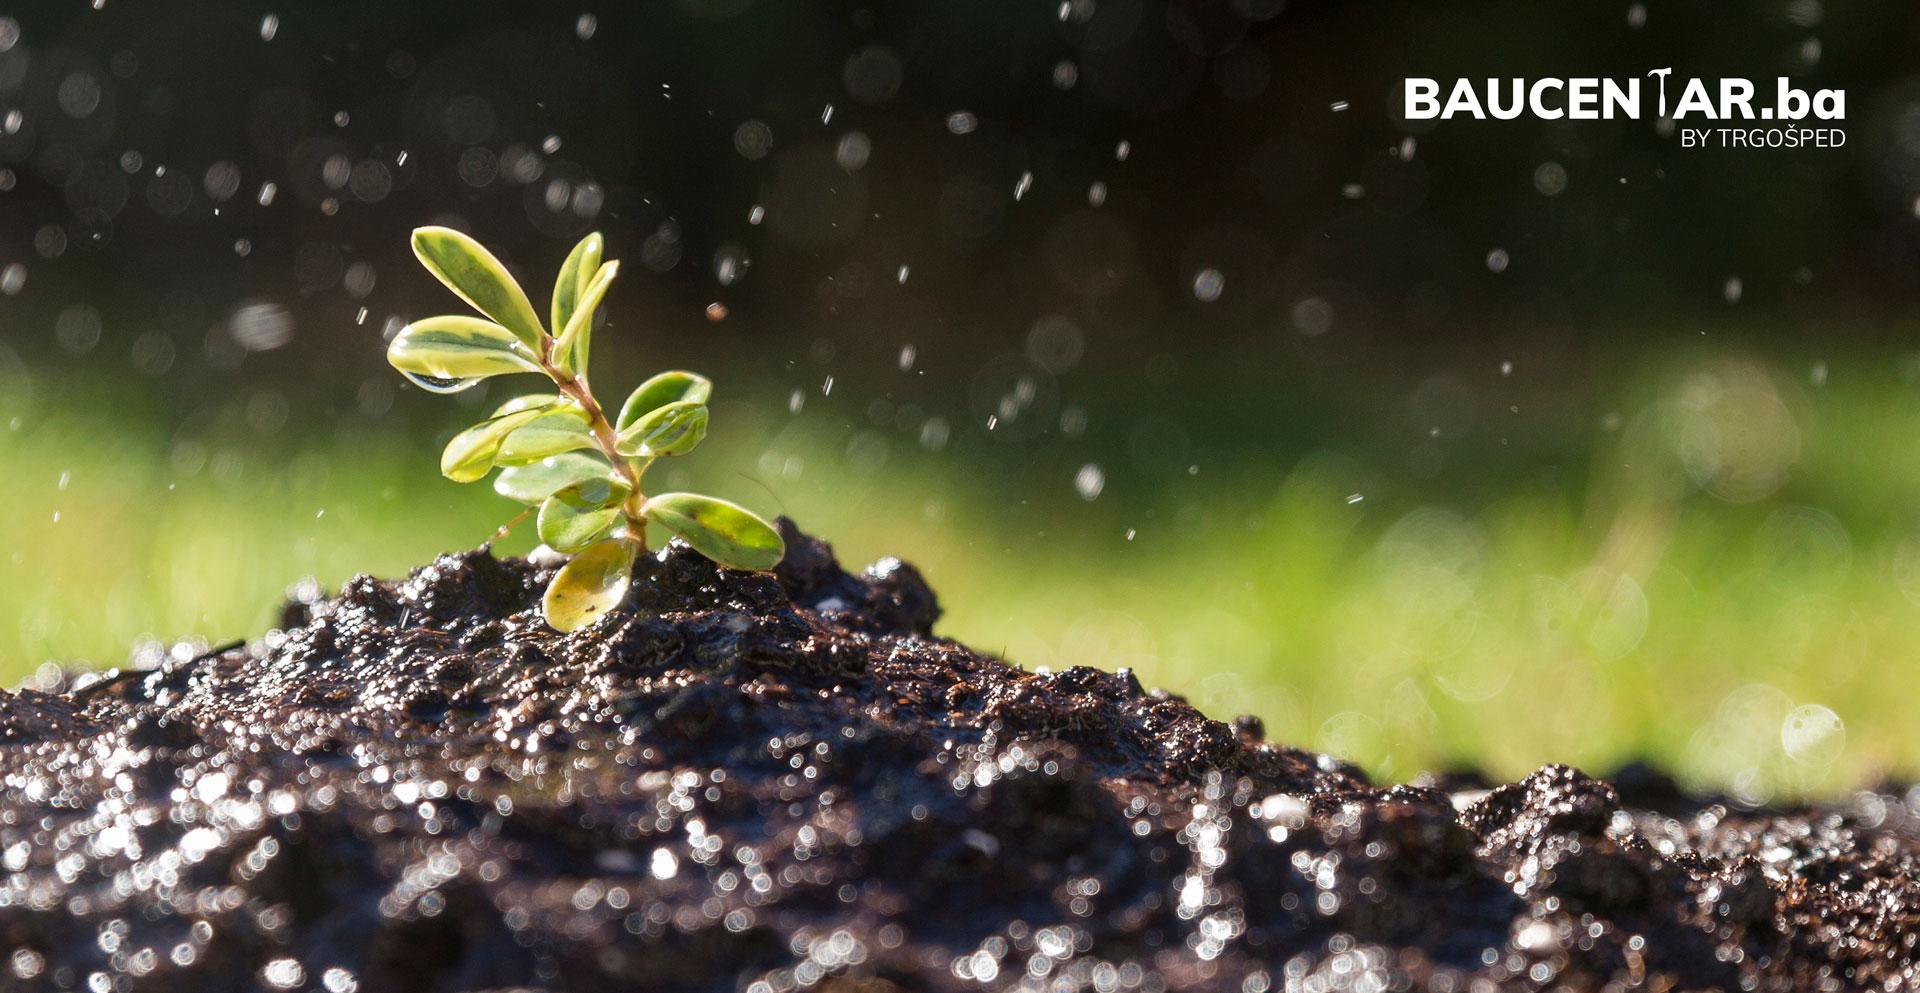 Kako zaštiti voće i povrće poslije kiše?